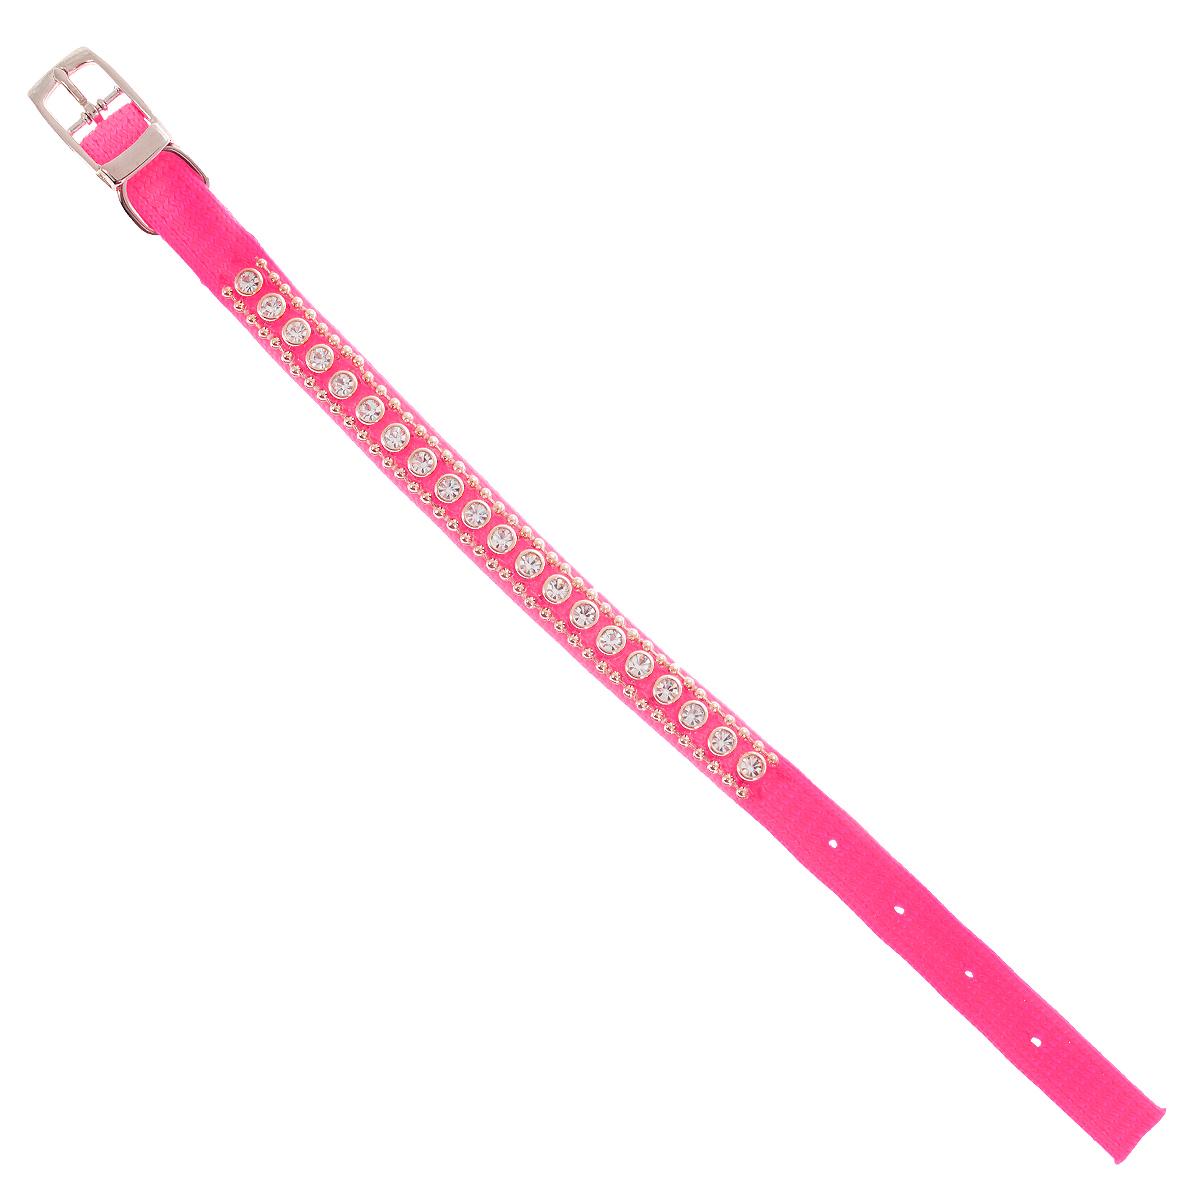 Ошейник Pet Line для животных, со стразами, цвет: розовый, длина 24,5 см pet line фурминатор большой 79 зубьев